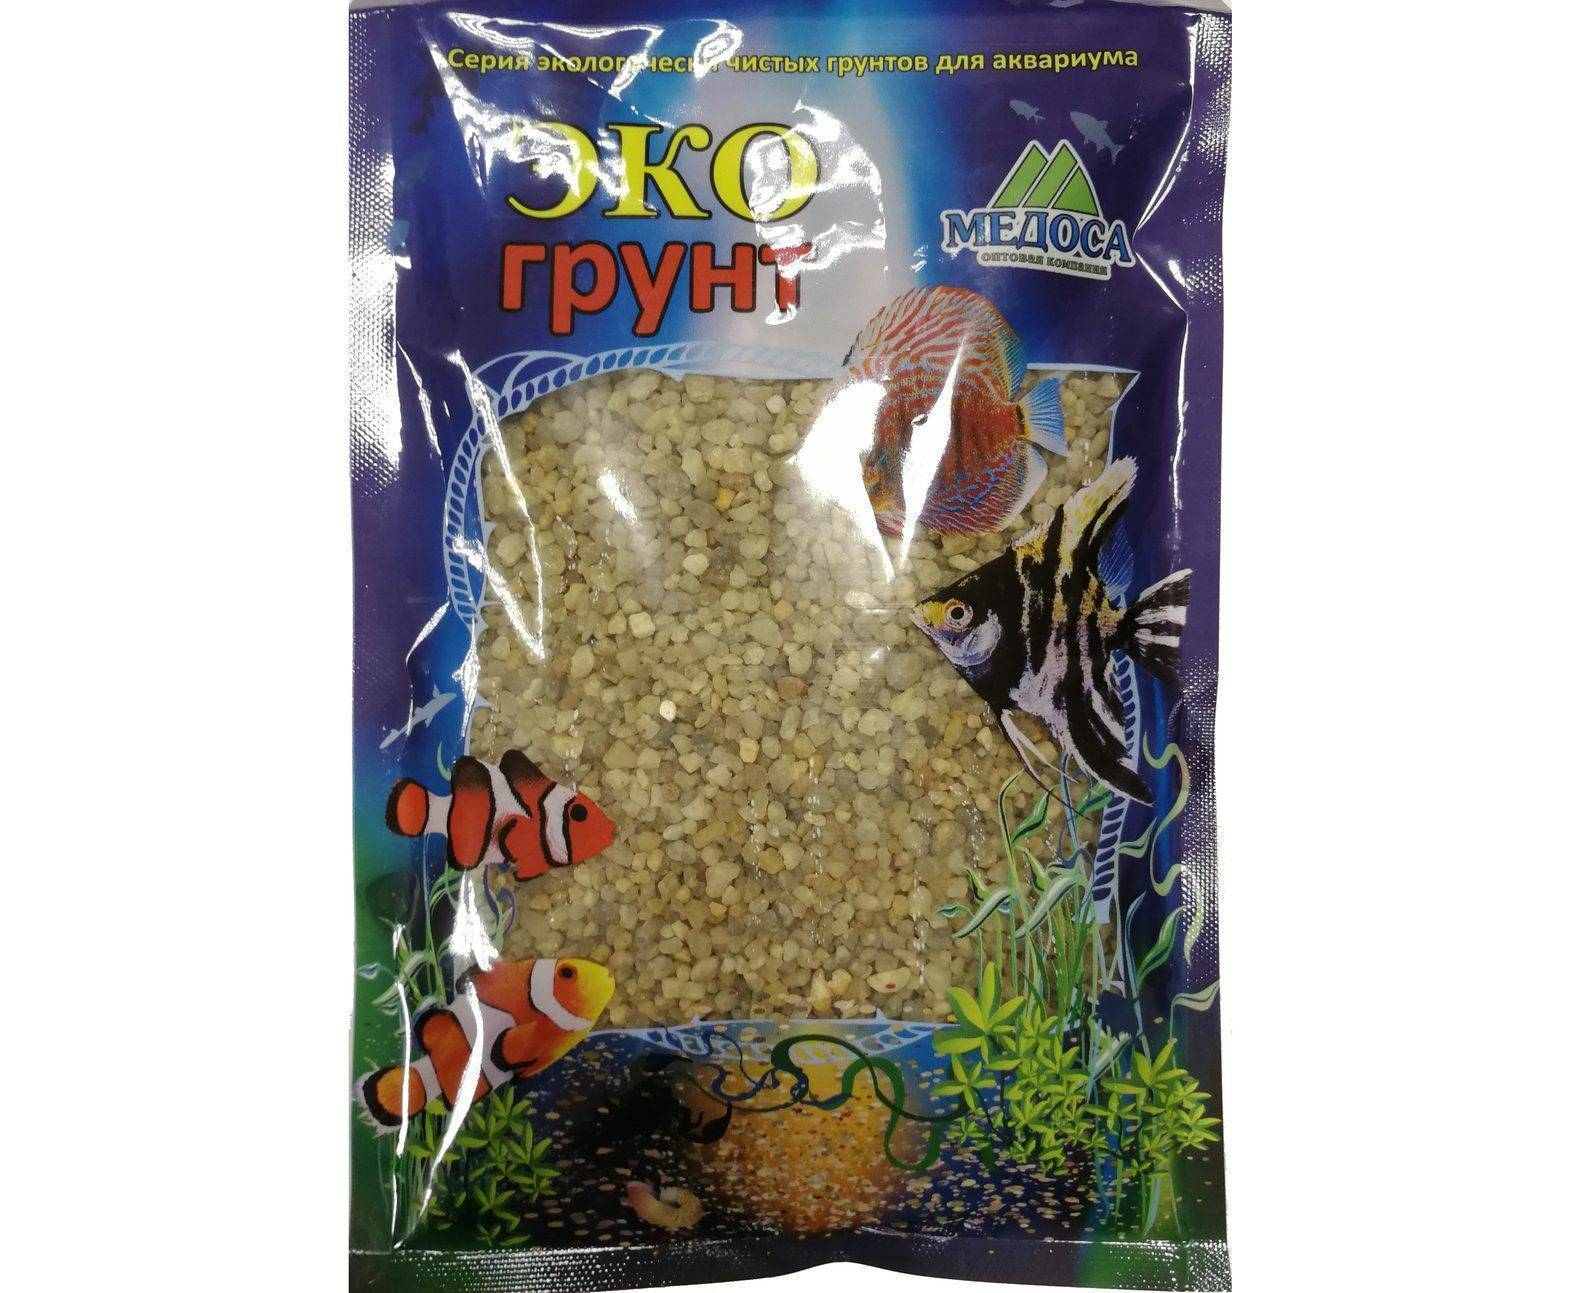 Как сифонить грунт в аквариуме: как правильно пользоваться прибором, как часто мыть, возможно ли уборка песка с растениями?